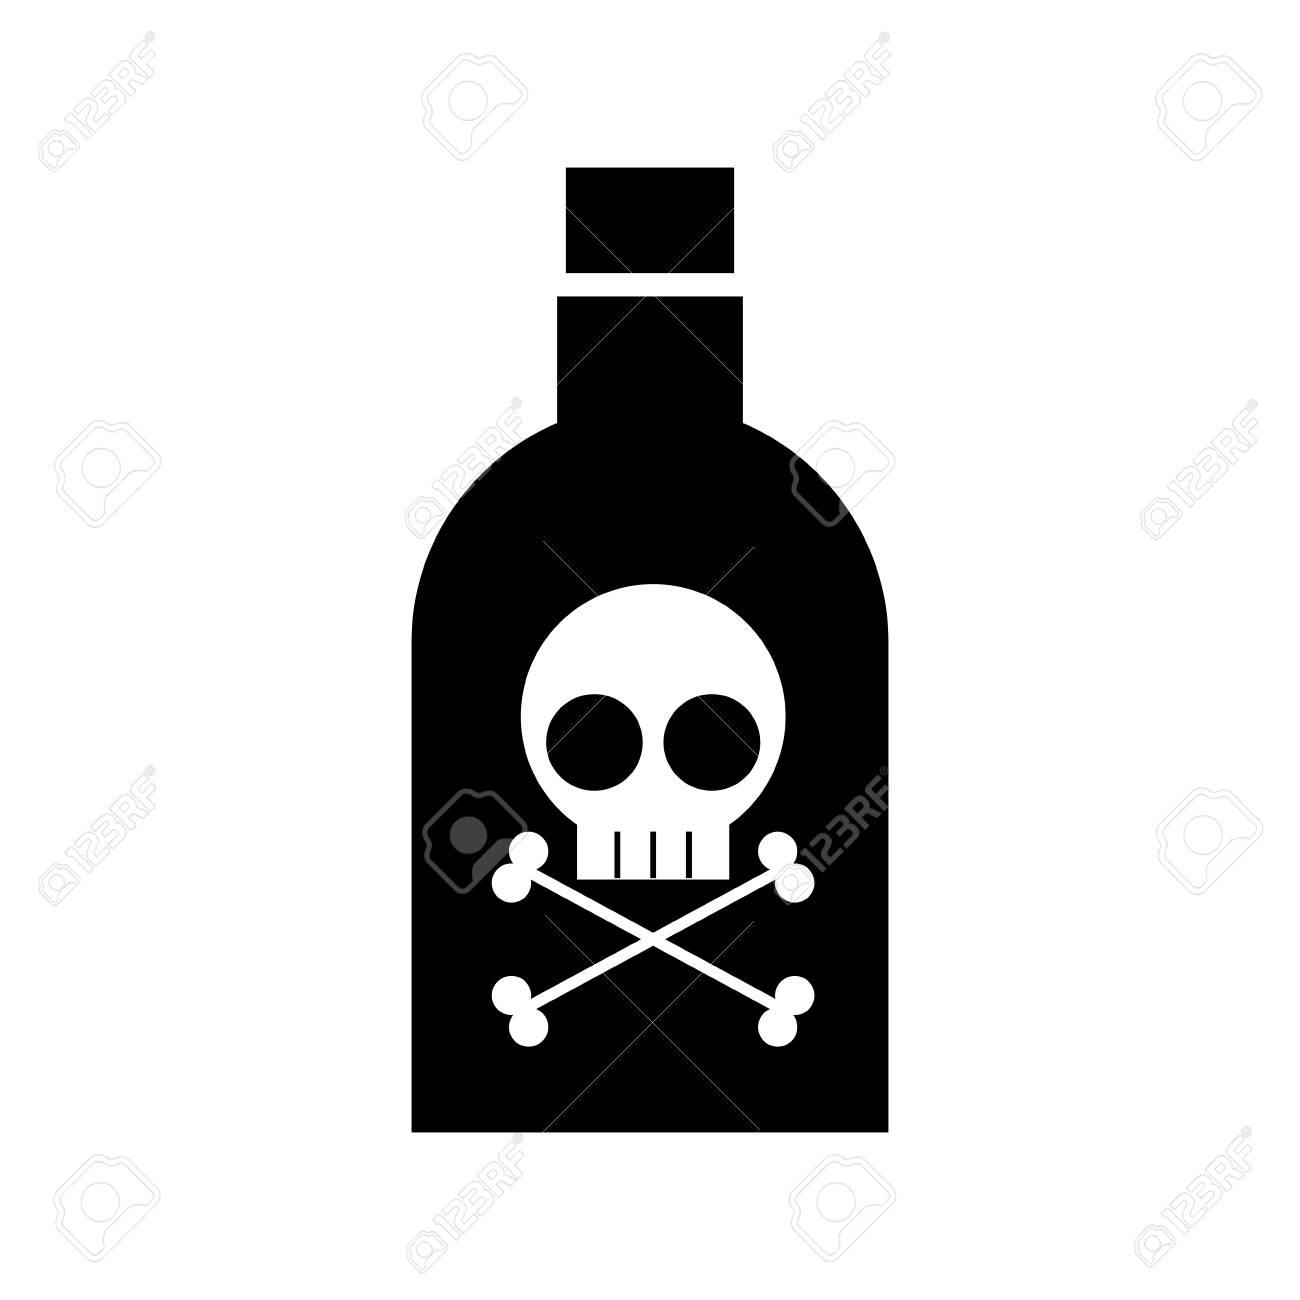 poison bottle with skull vector illustration design - 97881447